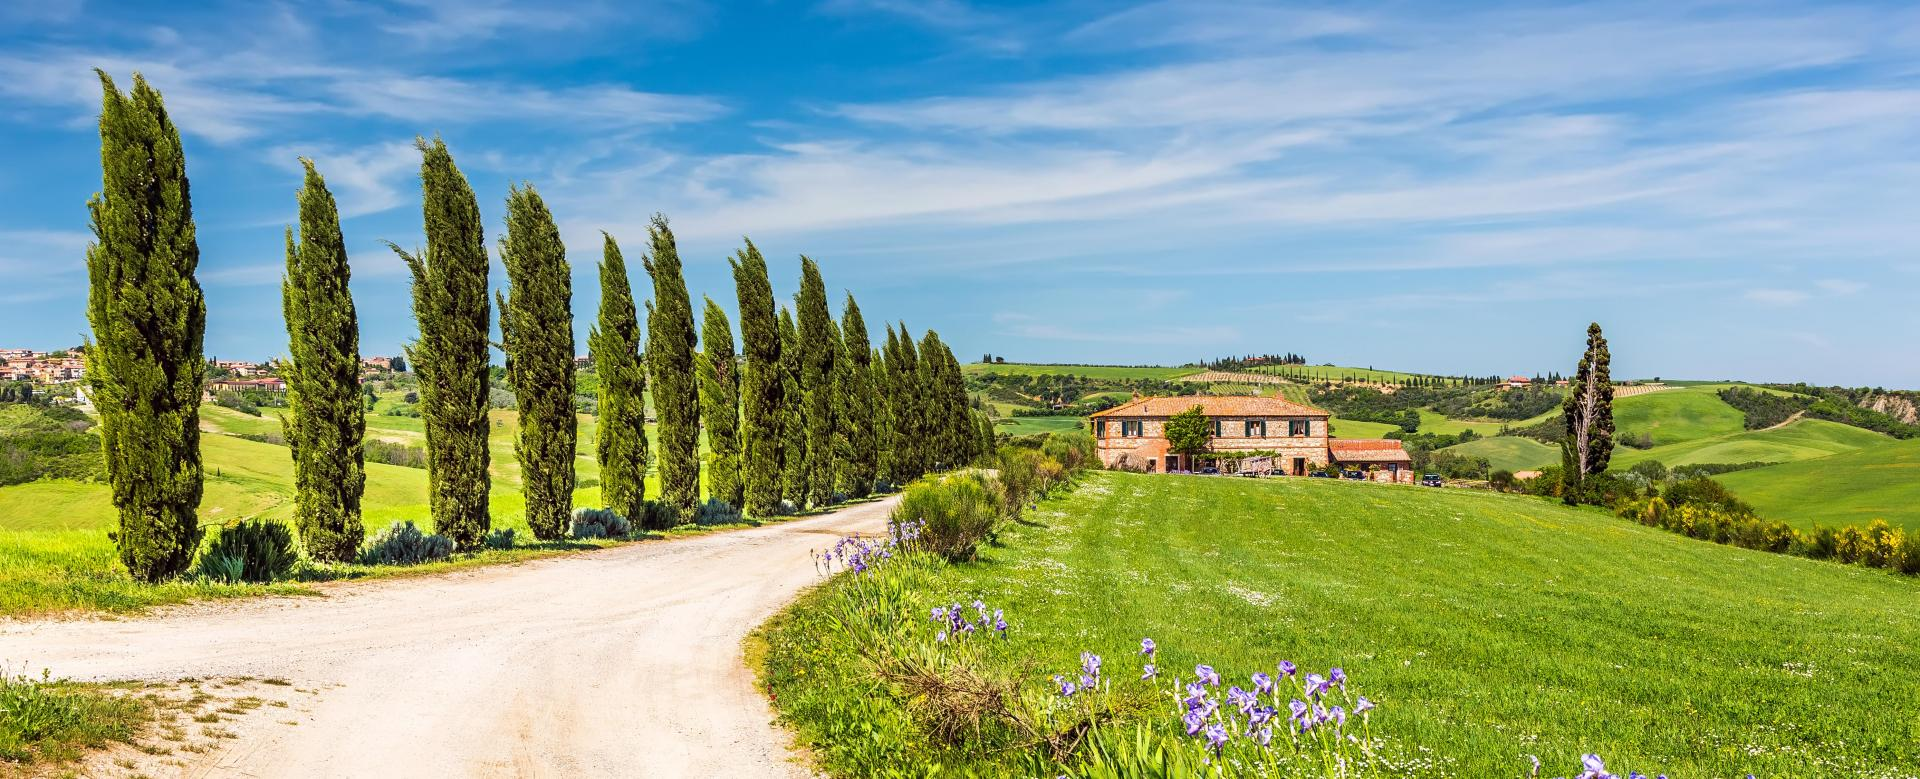 Voyage en véhicule : Toscane, terre d'histoire à vélo